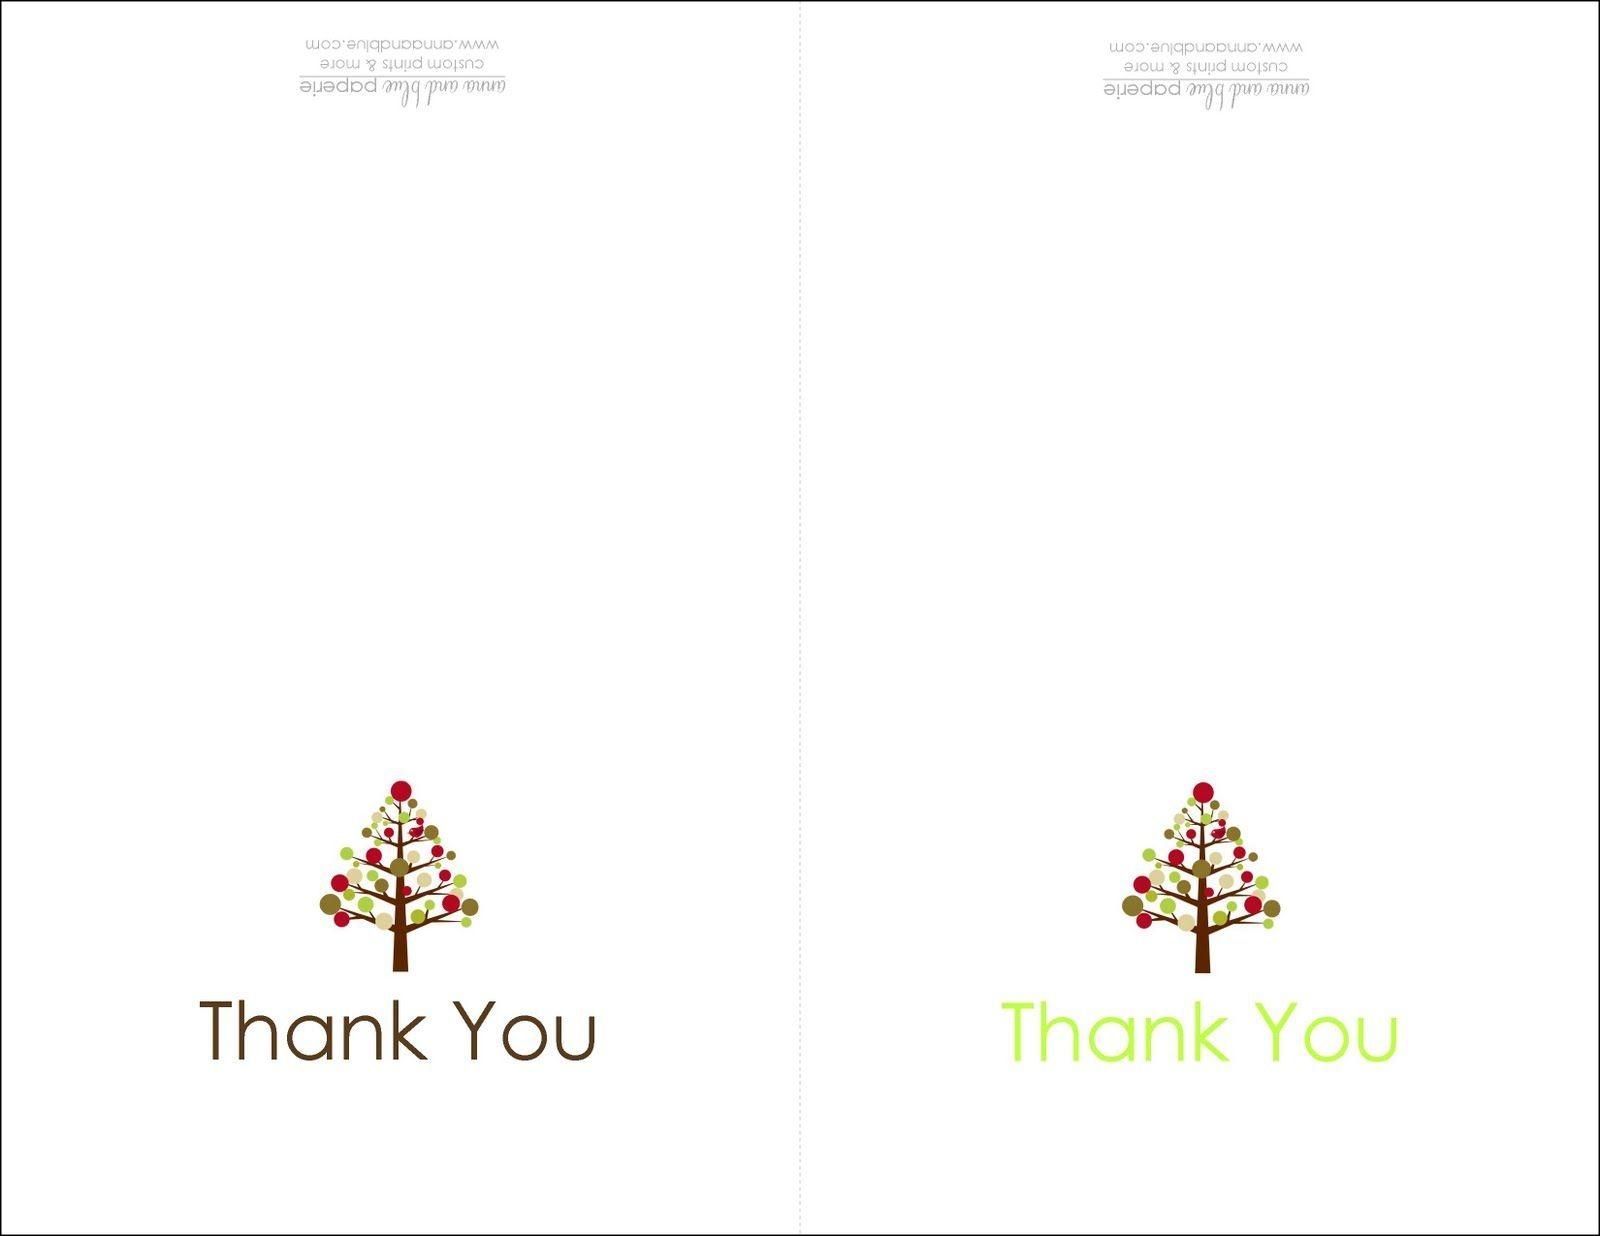 Thank You Cards Printable | Printable | Free Printable Christmas - Free Christmas Thank You Notes Printable